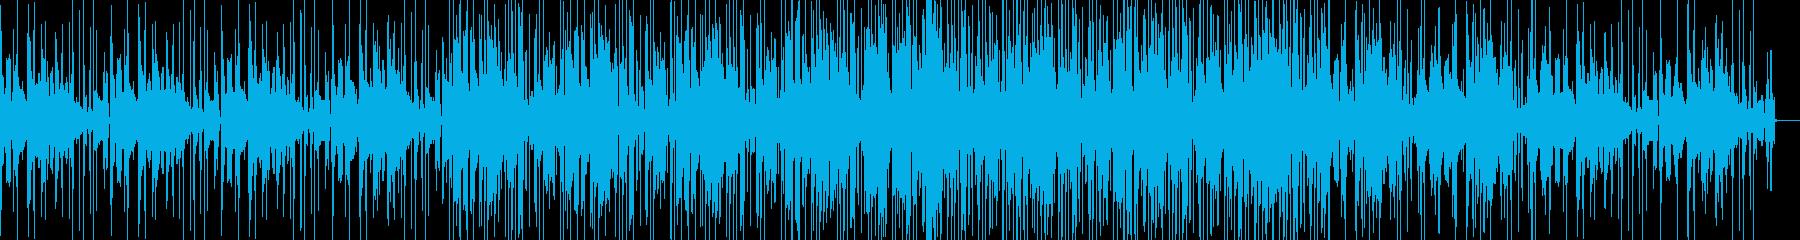 グリッチが目立つエレクトロニカの再生済みの波形